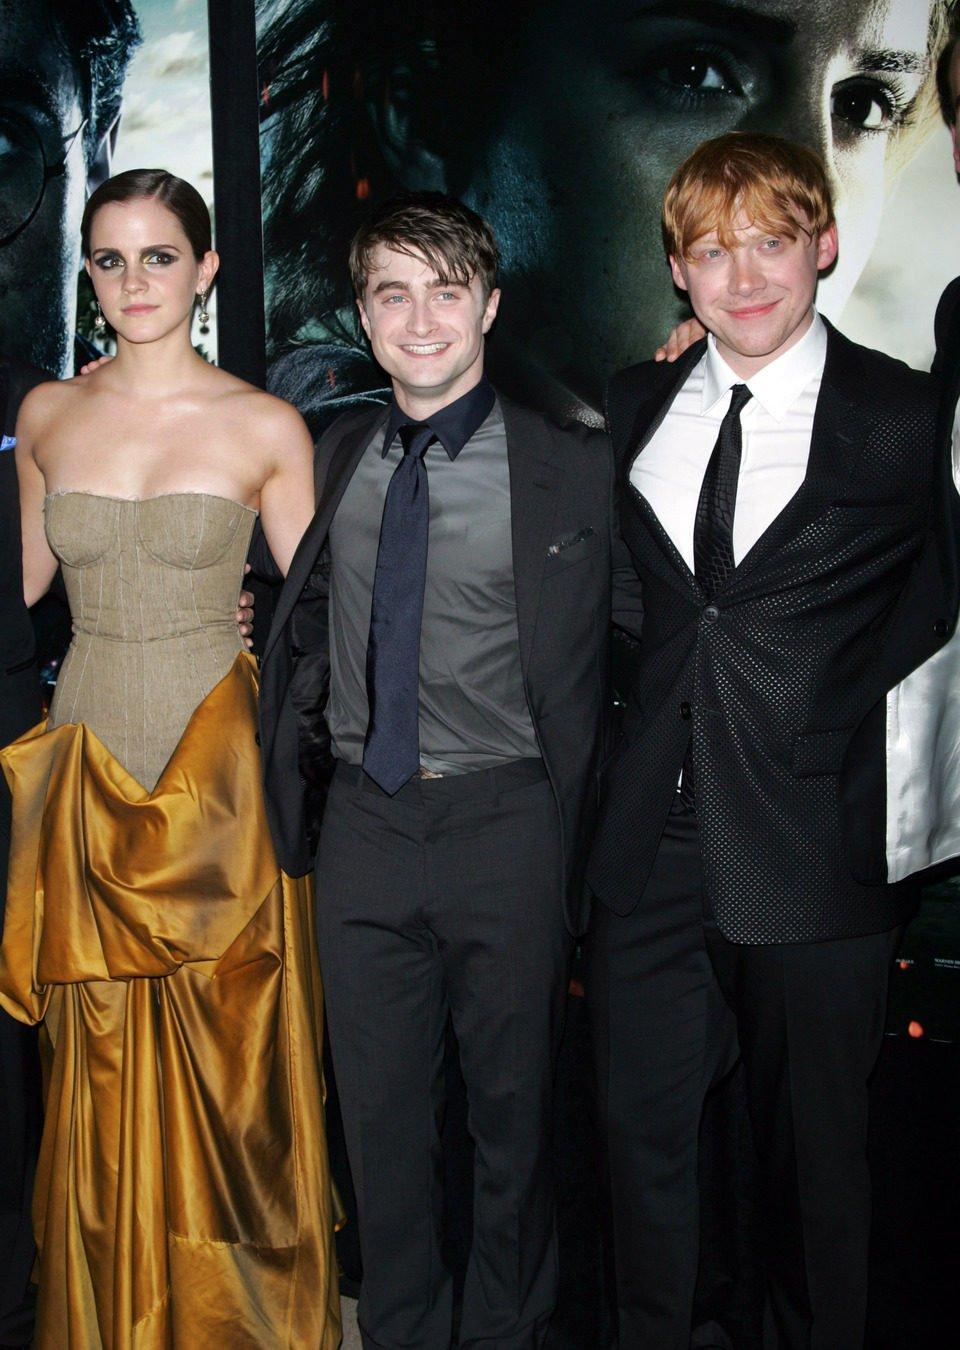 Harry Potter y las reliquias de la muerte: parte 2, fotograma 108 de 108